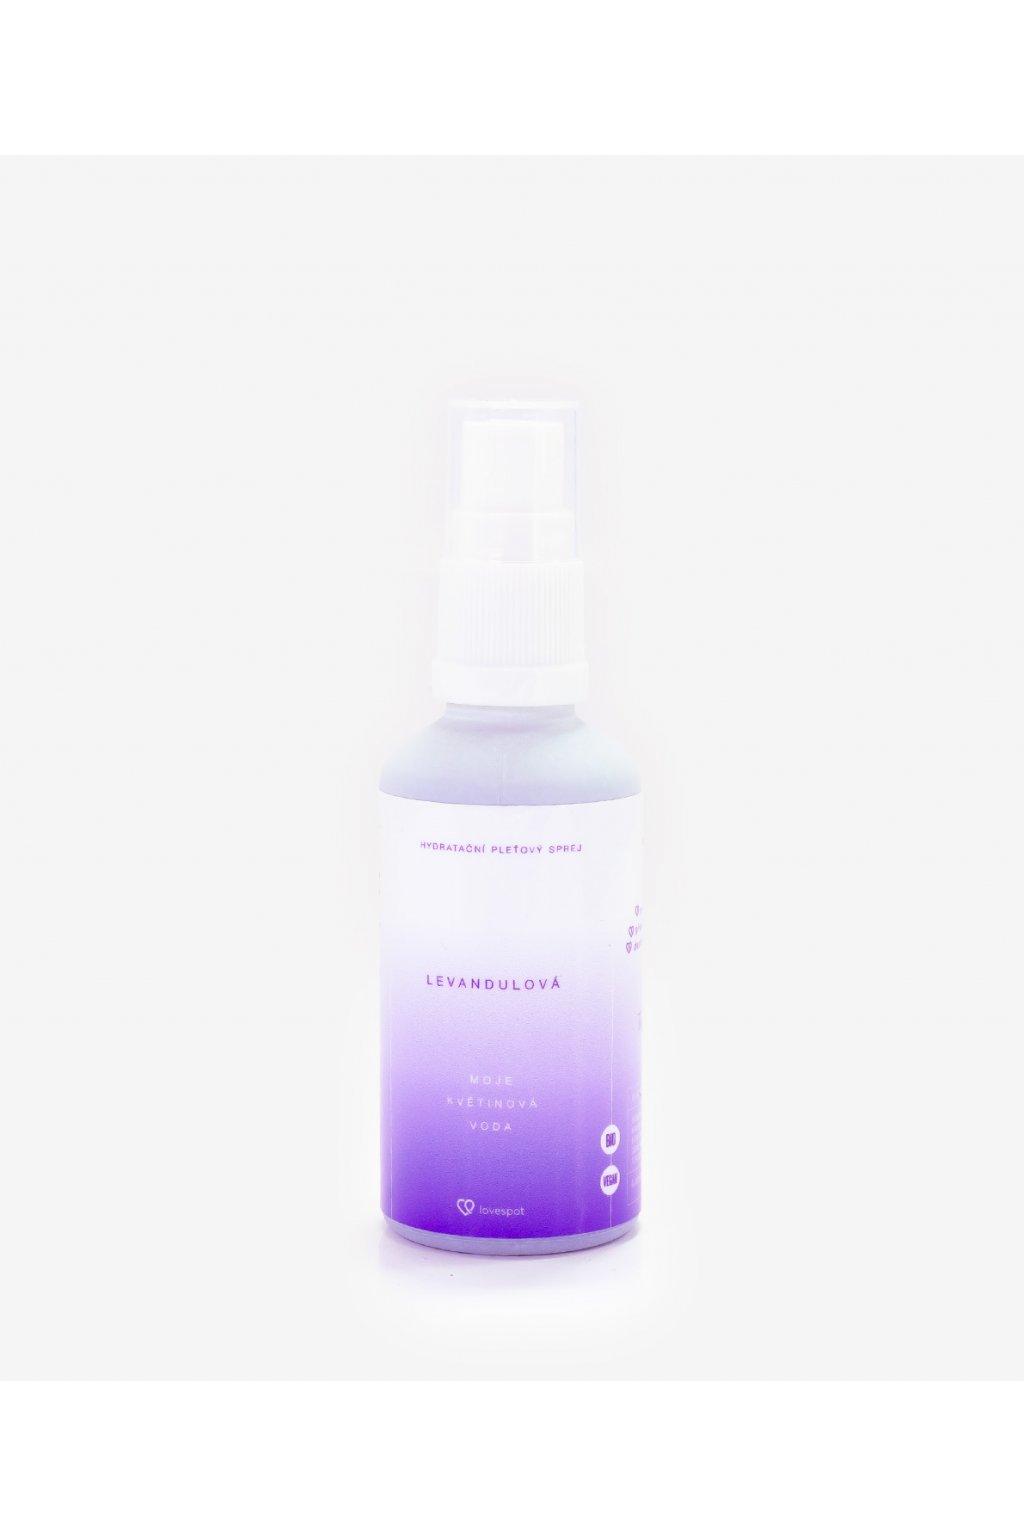 BIO Levandulová květinová voda, 50 ml